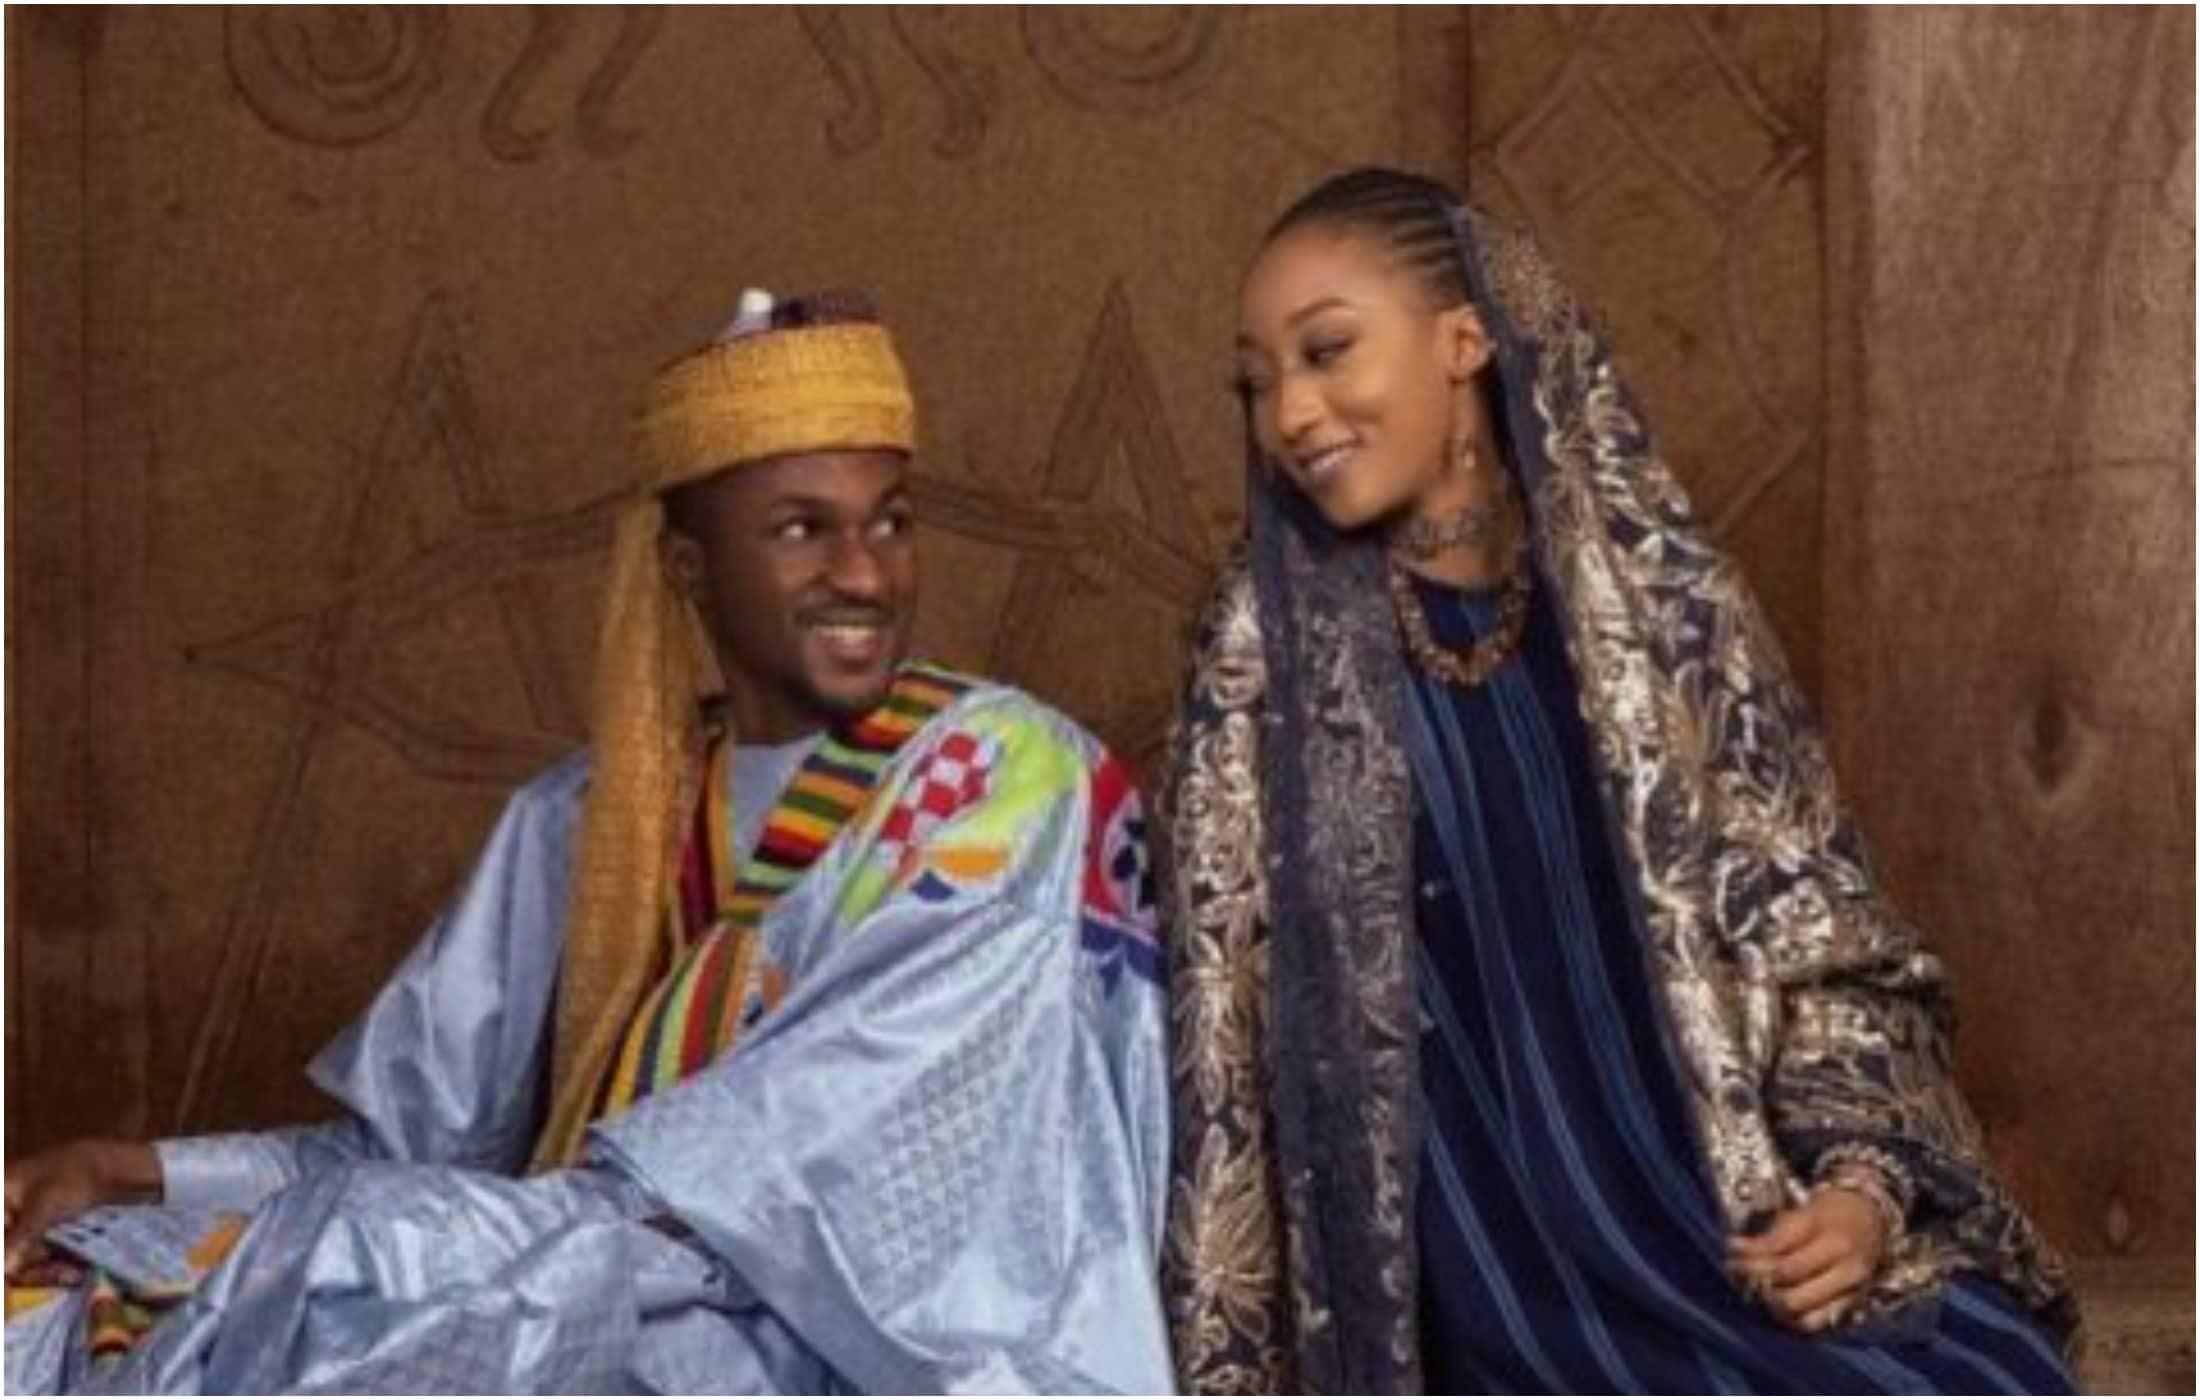 Buhari son prewedding photos